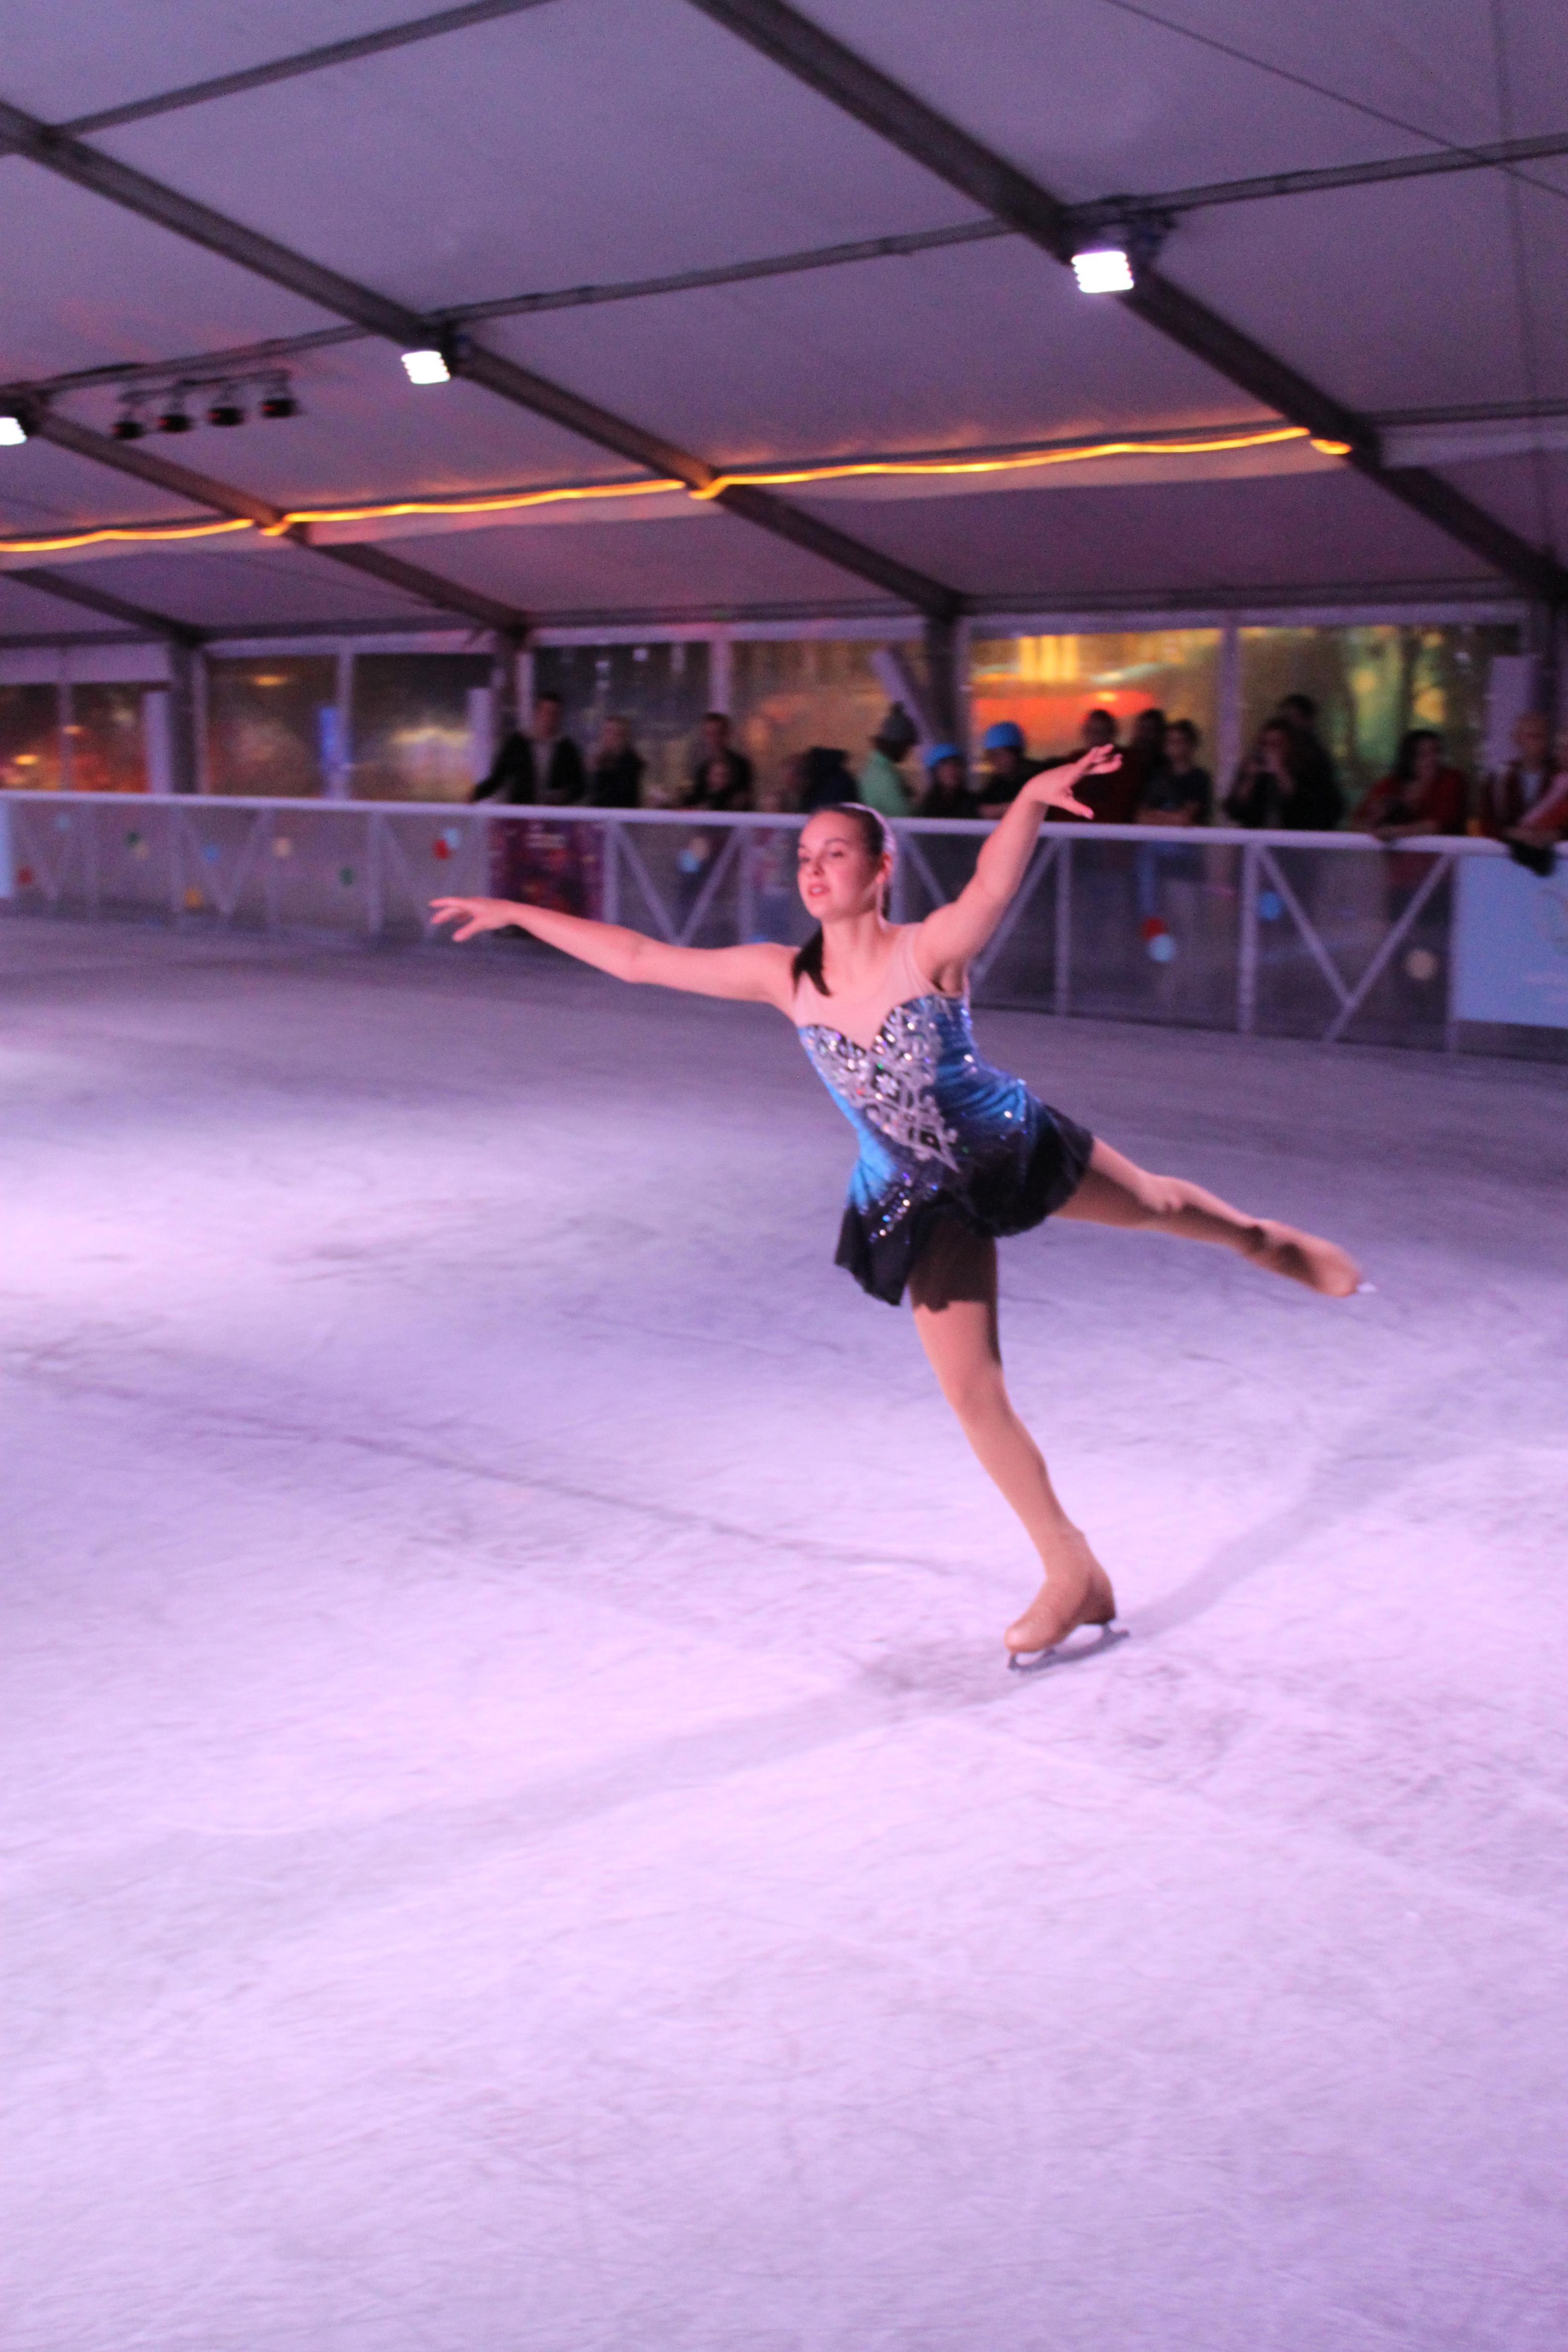 woman skating